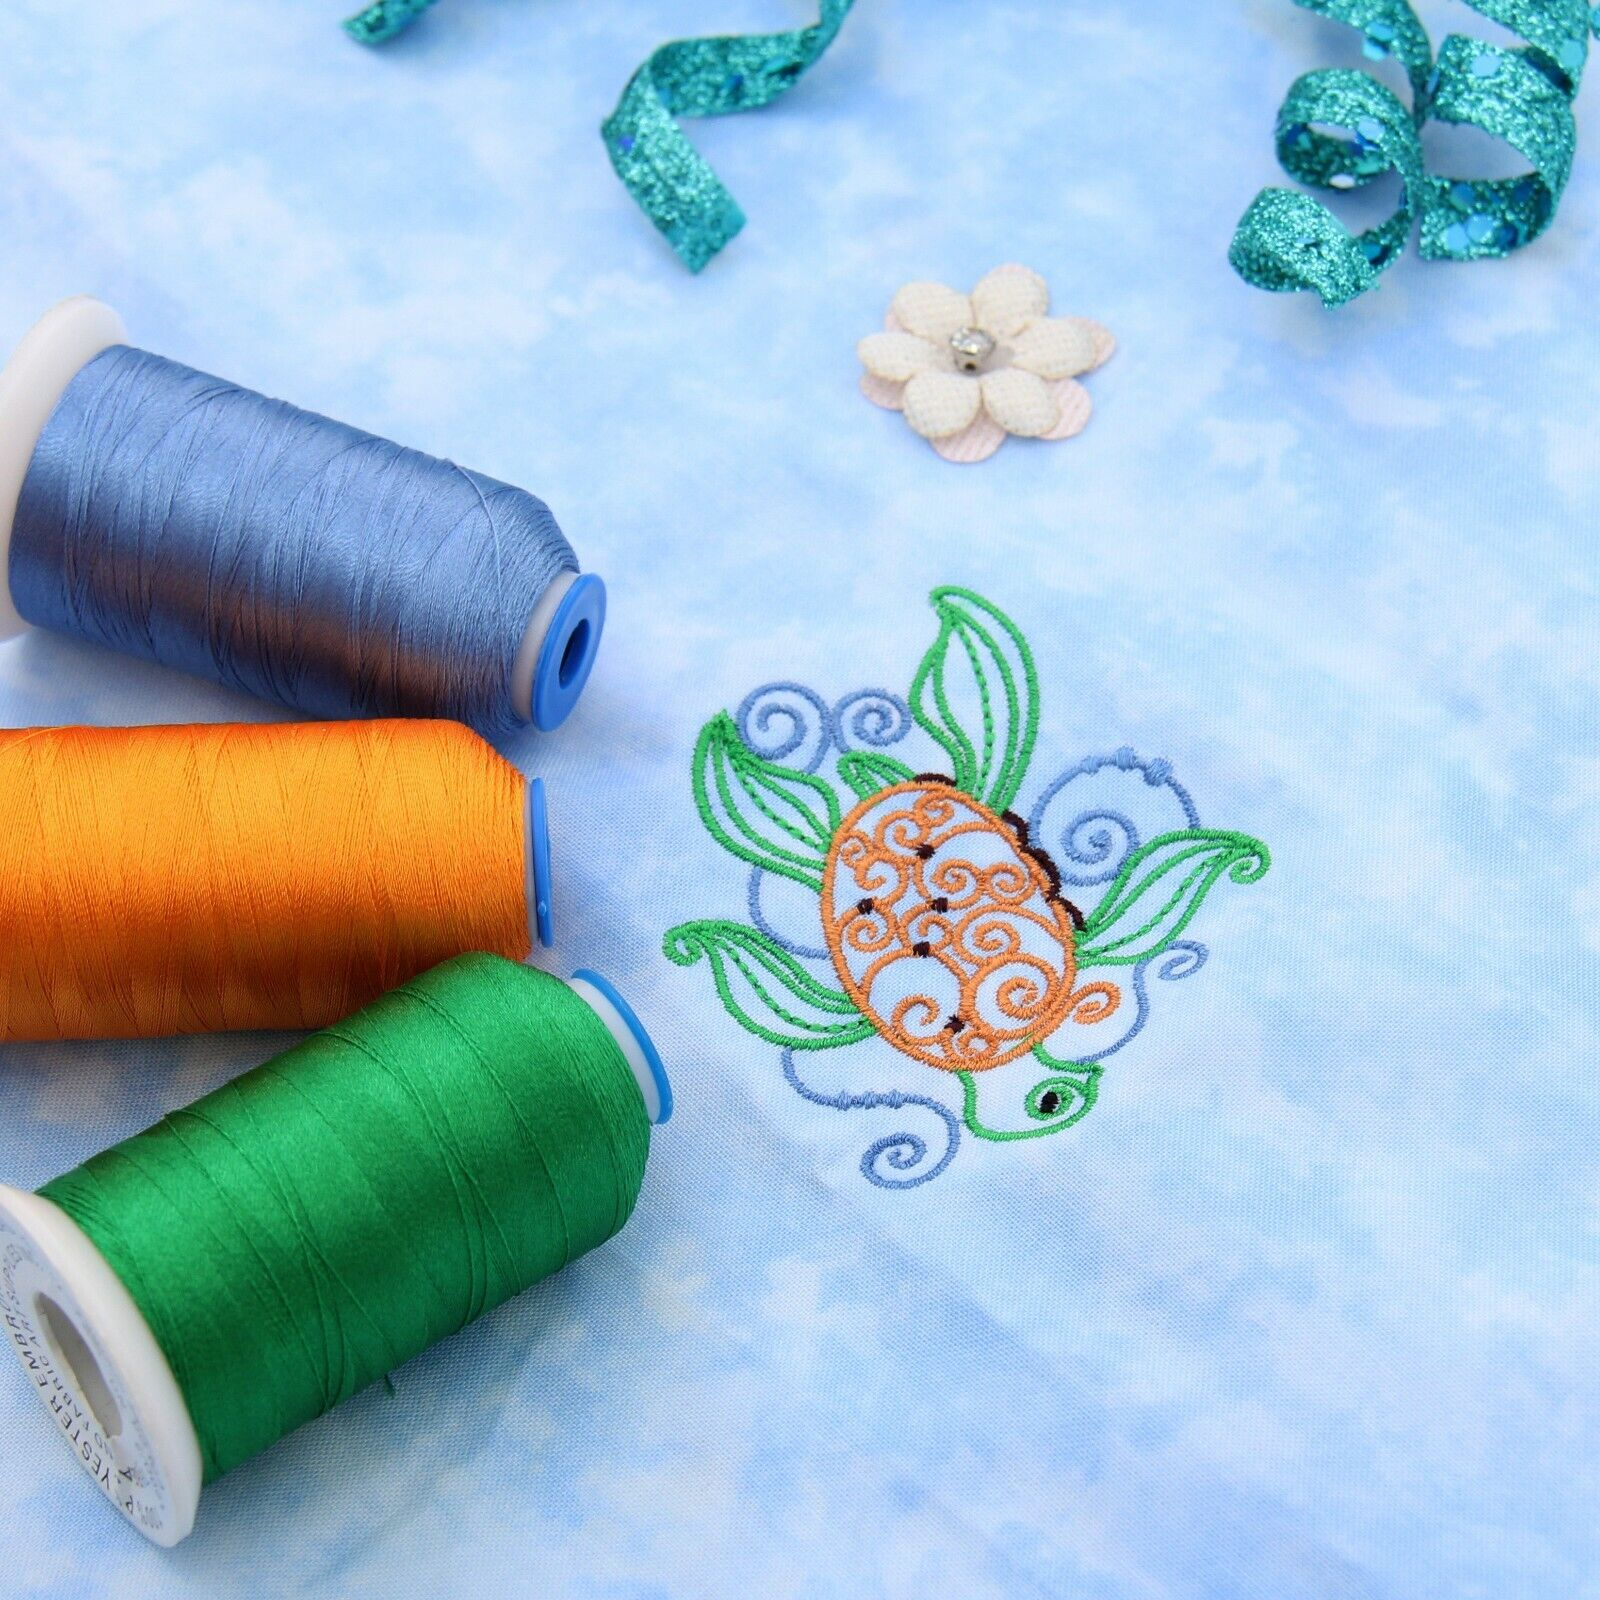 как выглядит Бобина или нить для машинной вышивки Threadart Polyester Embroidery Thread - Big 1000m Cones - 40 wt- Over 200 Colors фото